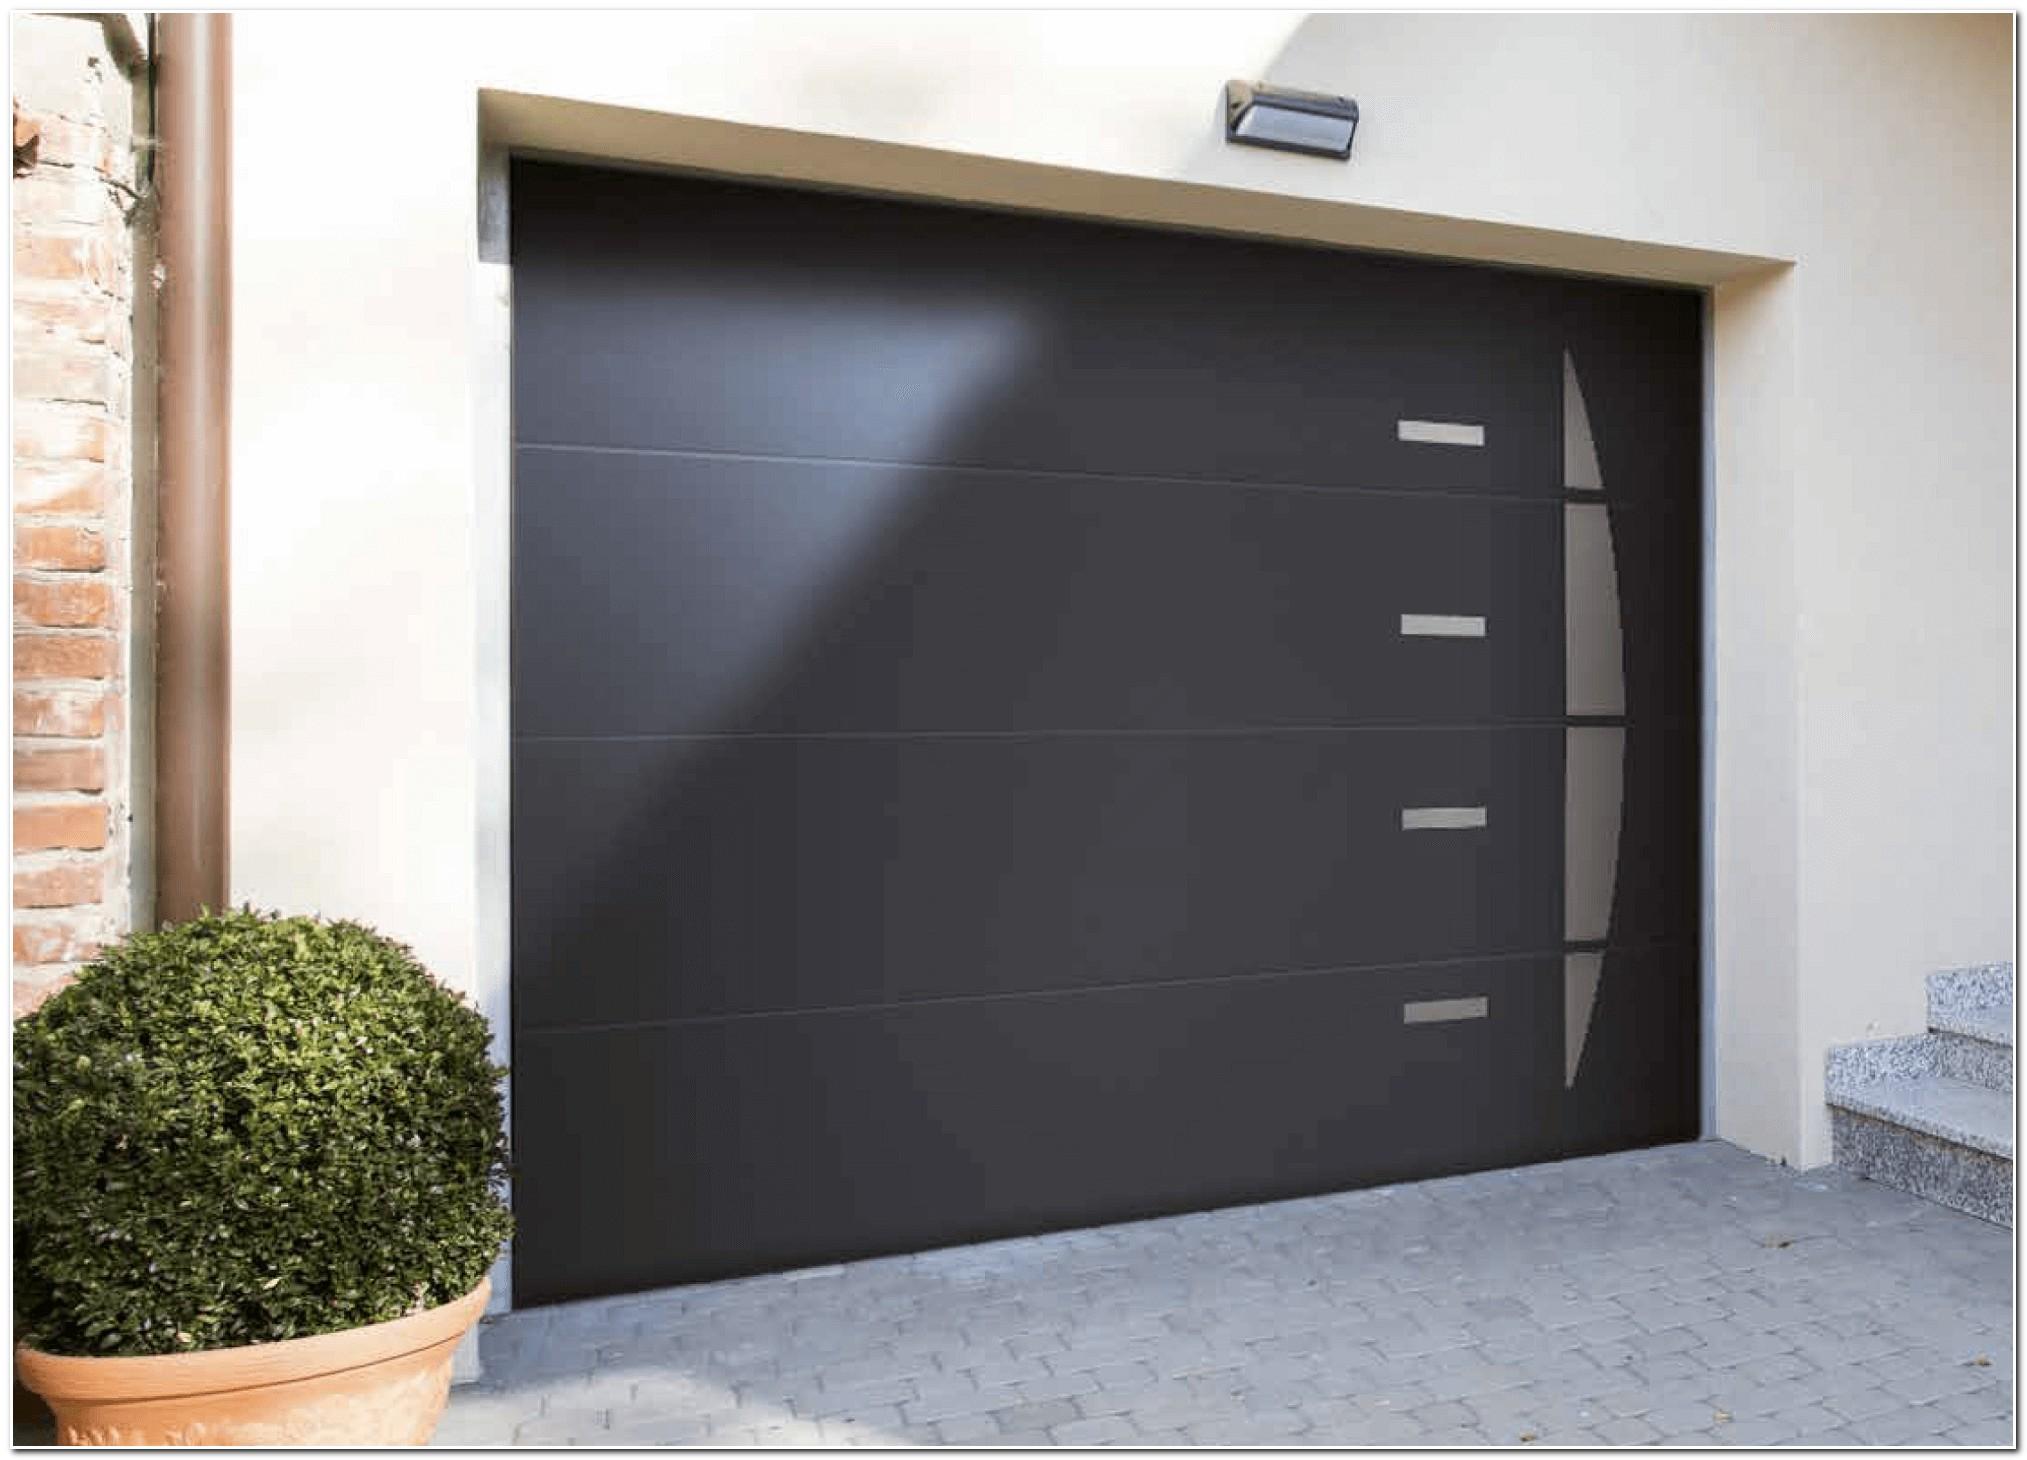 Les Portes De Garage Motorisées Solabaie Personnalisables Pour Porte De Garage Avec Prix Des Volets Roulants Électriques